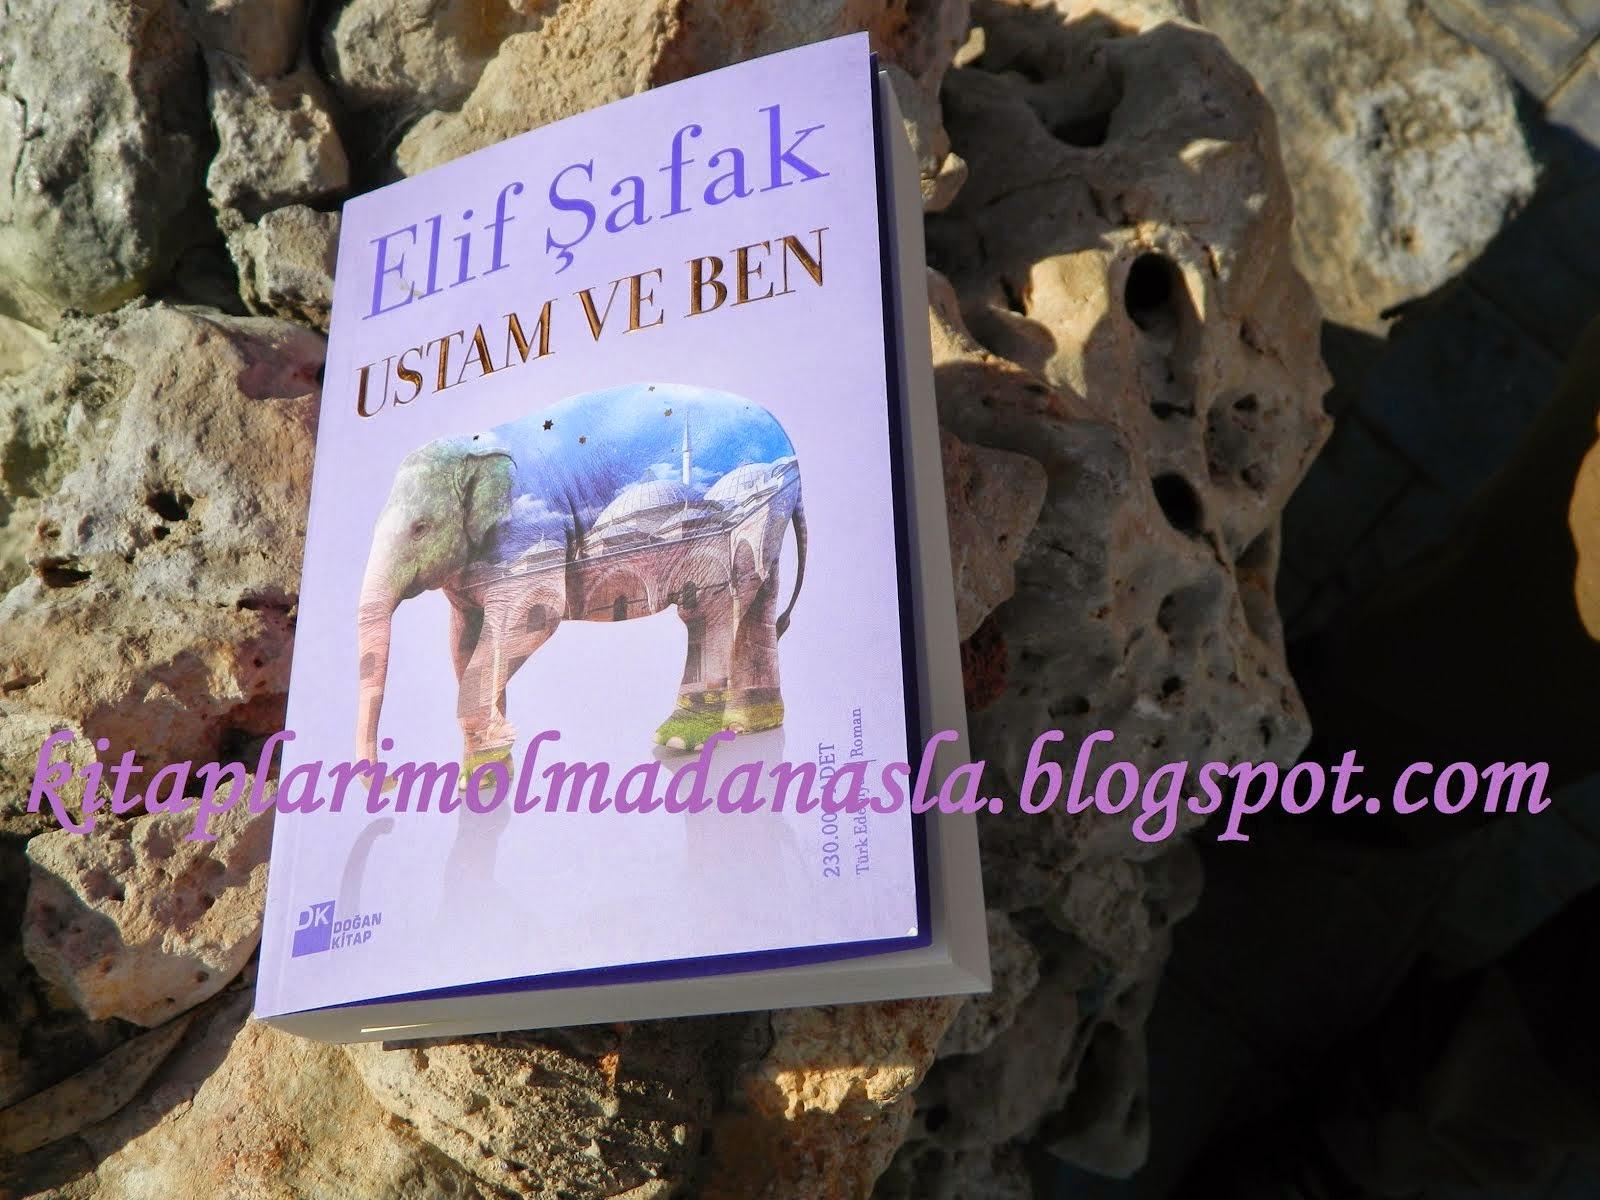 ELİF ŞAFAK - USTAM VE BEN